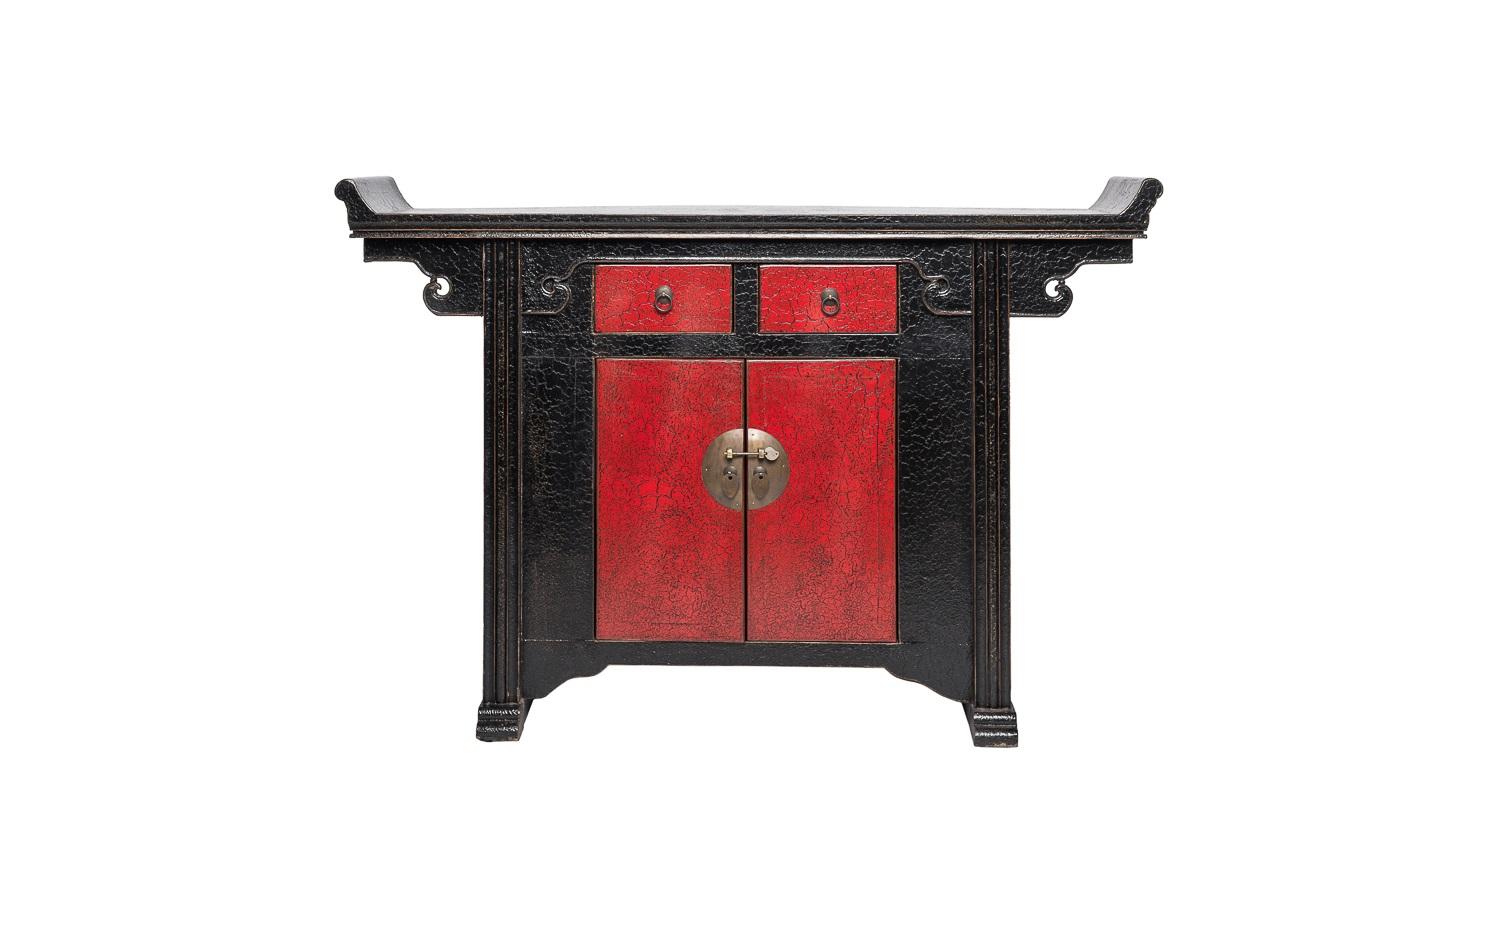 Комод Гуй-джяИнтерьерные тумбы<br>&amp;quot;Гуй-джя&amp;quot; ? комод, в облике которого заключено величие старинной китайской мебели. Его оформление имитирует декор предметов интерьера периода раннего правления династии Мин. Изысканная резьба, украшающая столешницу, выполнена в форме жезла жуи, способного приманить в дом сказочную удачу. Этот комод&amp;amp;nbsp;не просто&amp;amp;nbsp;станет изюминкой пространства, он подарит вам счастье.<br><br>Material: Дерево<br>Ширина см: 130<br>Высота см: 90<br>Глубина см: 35